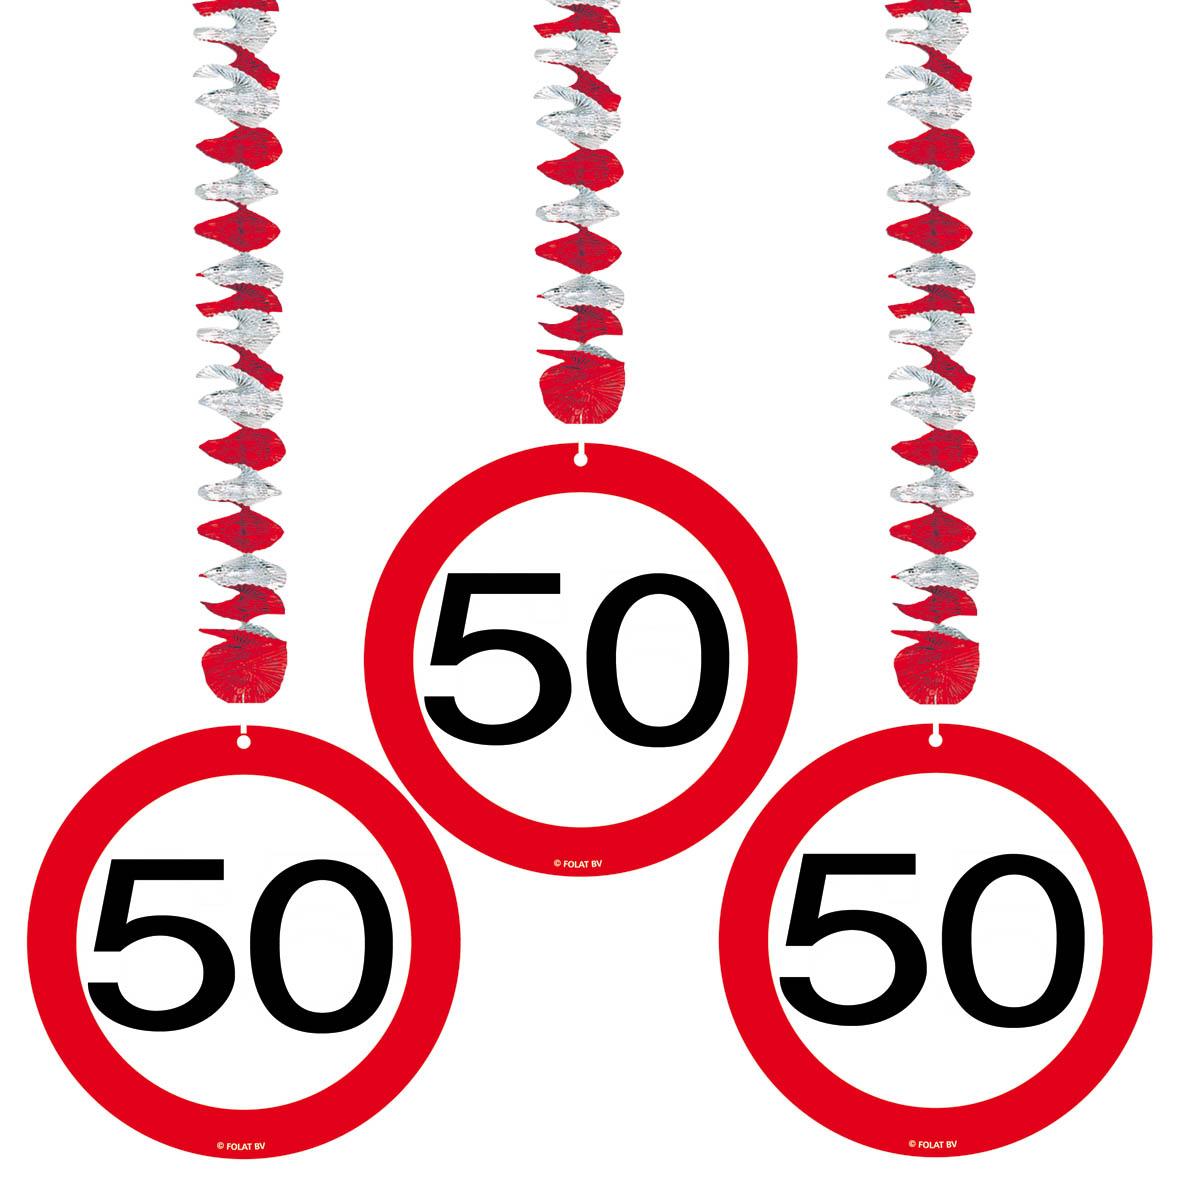 hange dekoration zum 50 geburtstag auch geeignet fur ein 50 jahr jubilaum mit